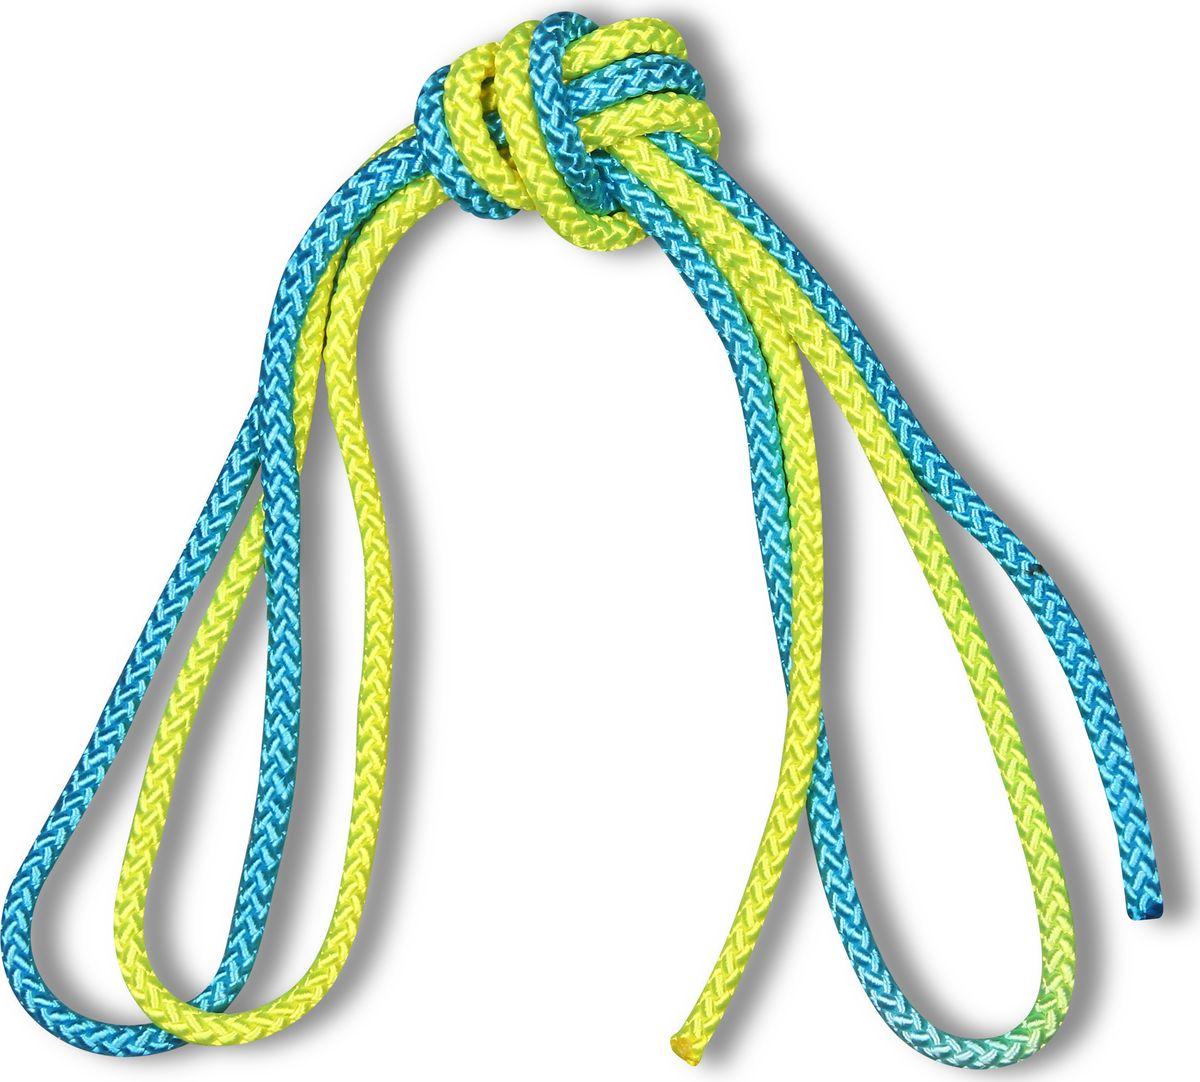 Скакалка гимнастическая Indigo, двухцветная, цвет: желтый, голубой, 3 м00023199Скакалка гимнастическая используется как один из предметов в художественной гимнастике.Яркая Гимнастическая скакалка Great не имеет ручек, вместо них можно завязывать узел или обжигать края в веревочной скакалке.Упражнения со скакалкой для художественной гимнастики хорошо укрепляют мышцы всего тела, особенно ног, повышают состояние общей тренированности и выносливости.Веревка для скакалки должна быть длиной 2,5 - 3 м.